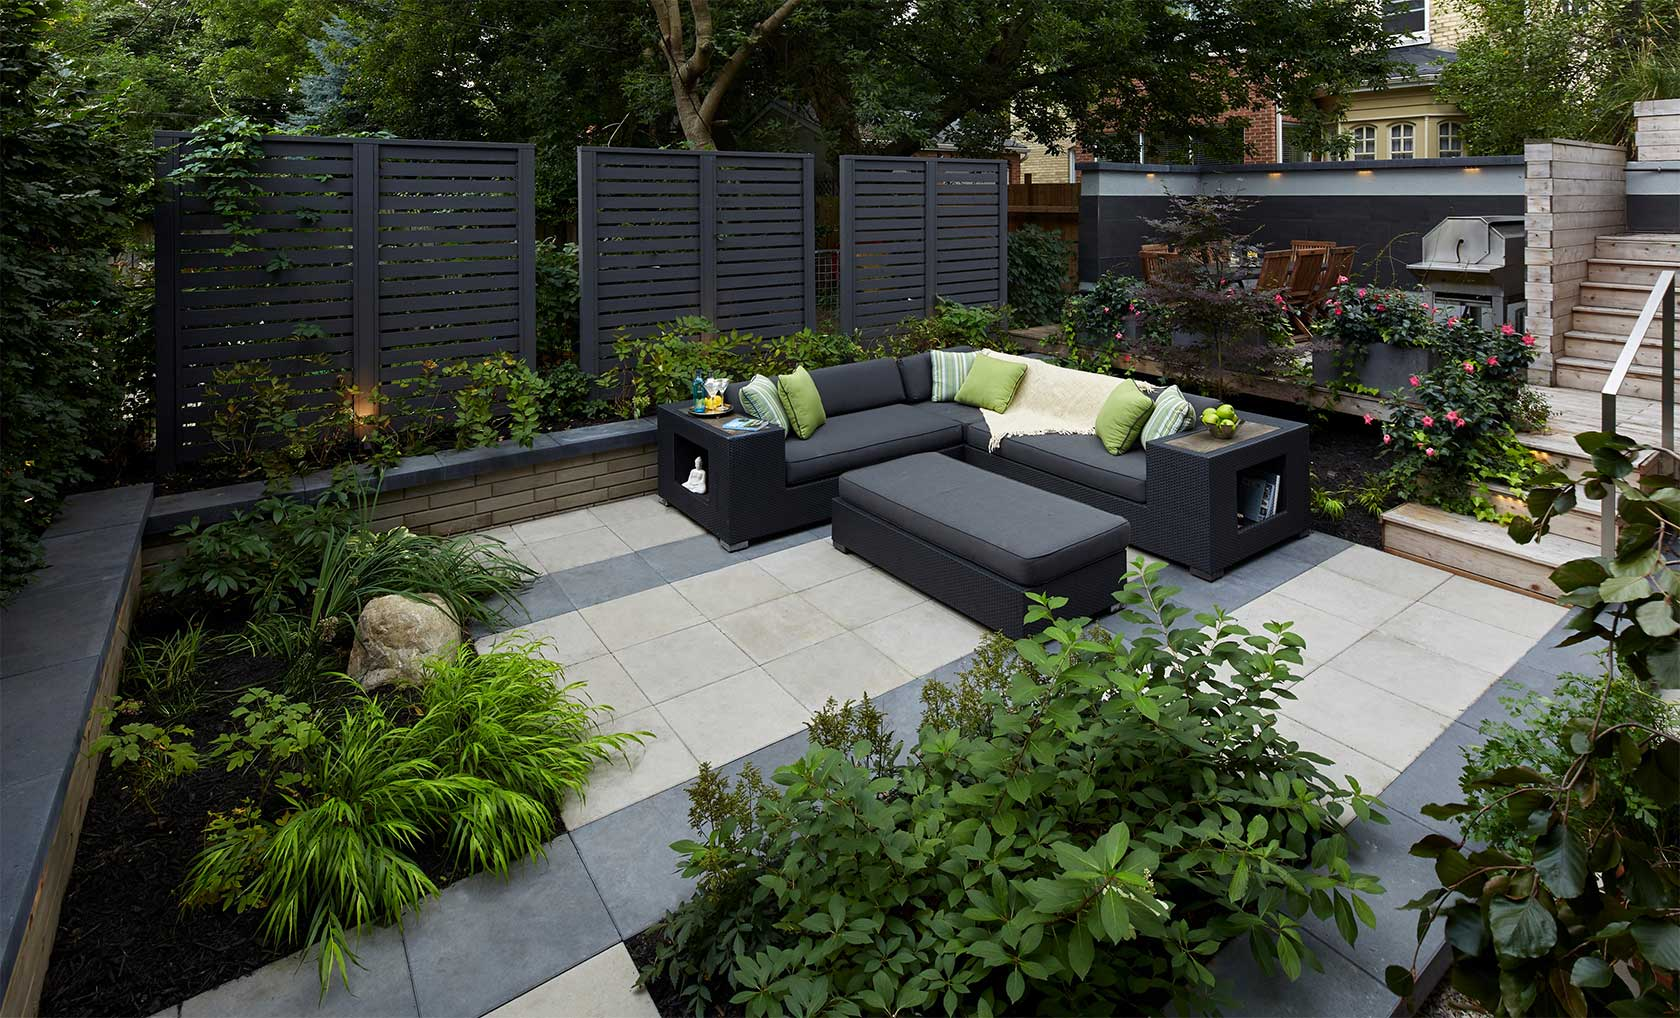 Beautiful Green Concrete Patio